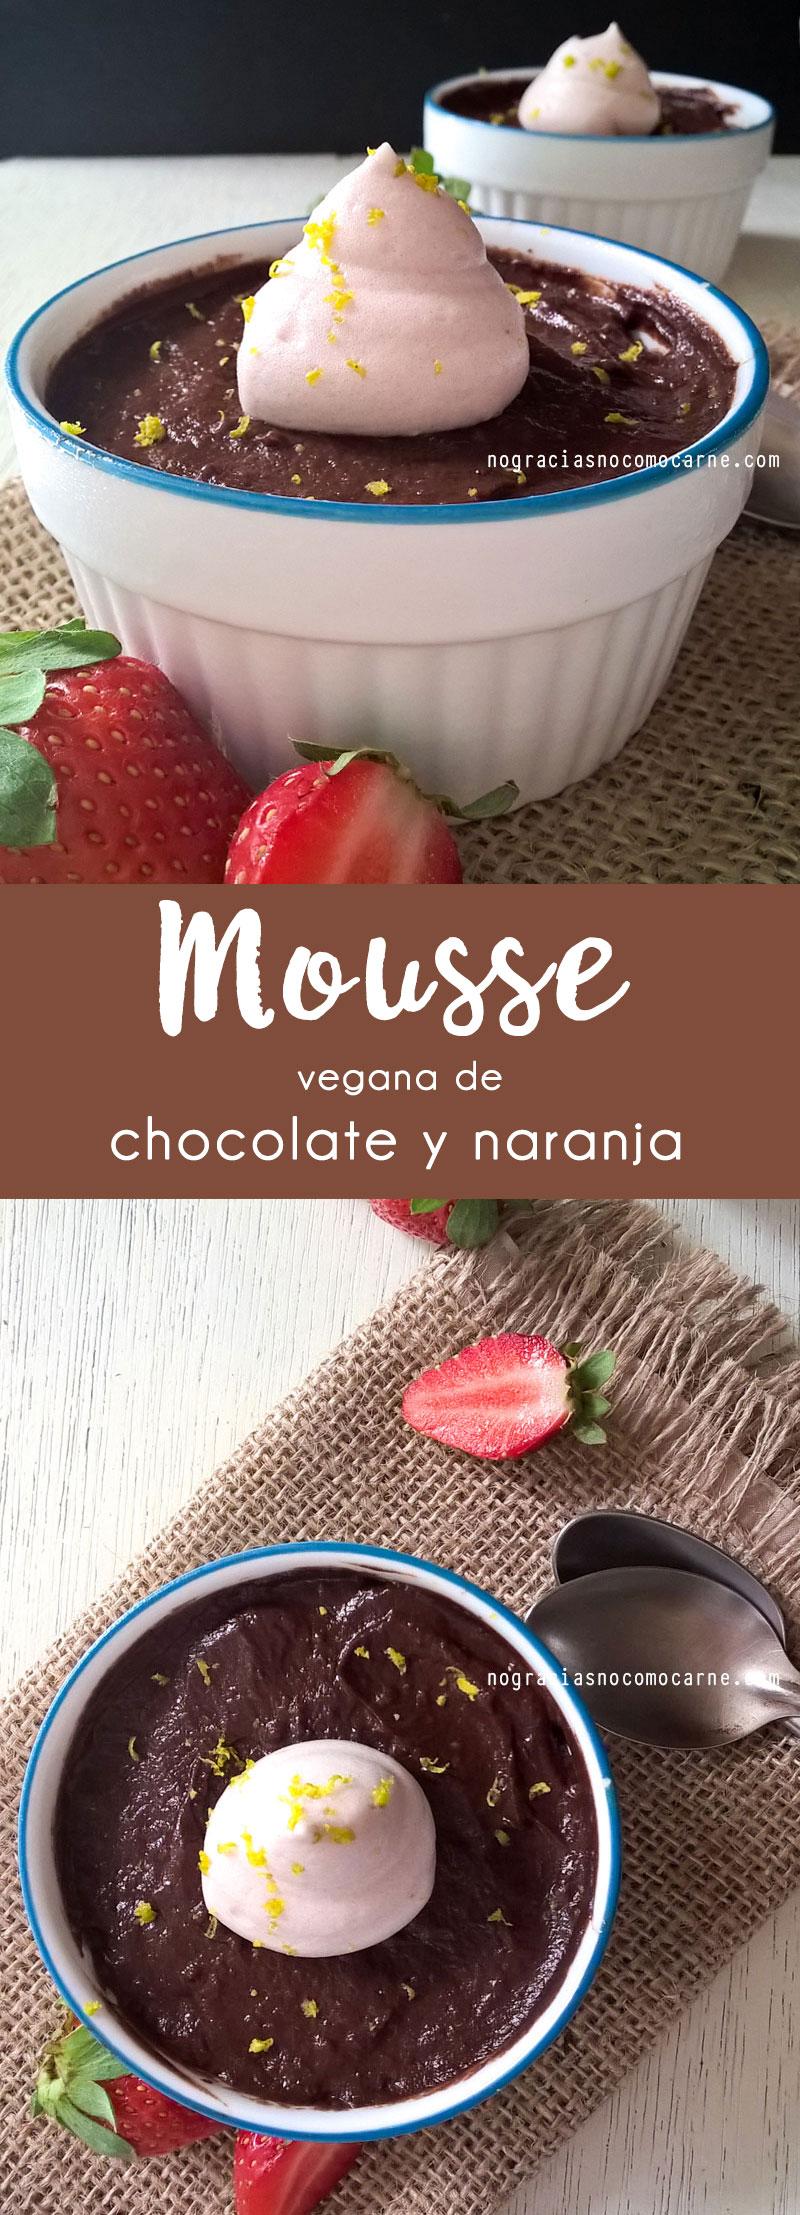 Mousse vegana de chocolate y naranja | No gracias, no como carne